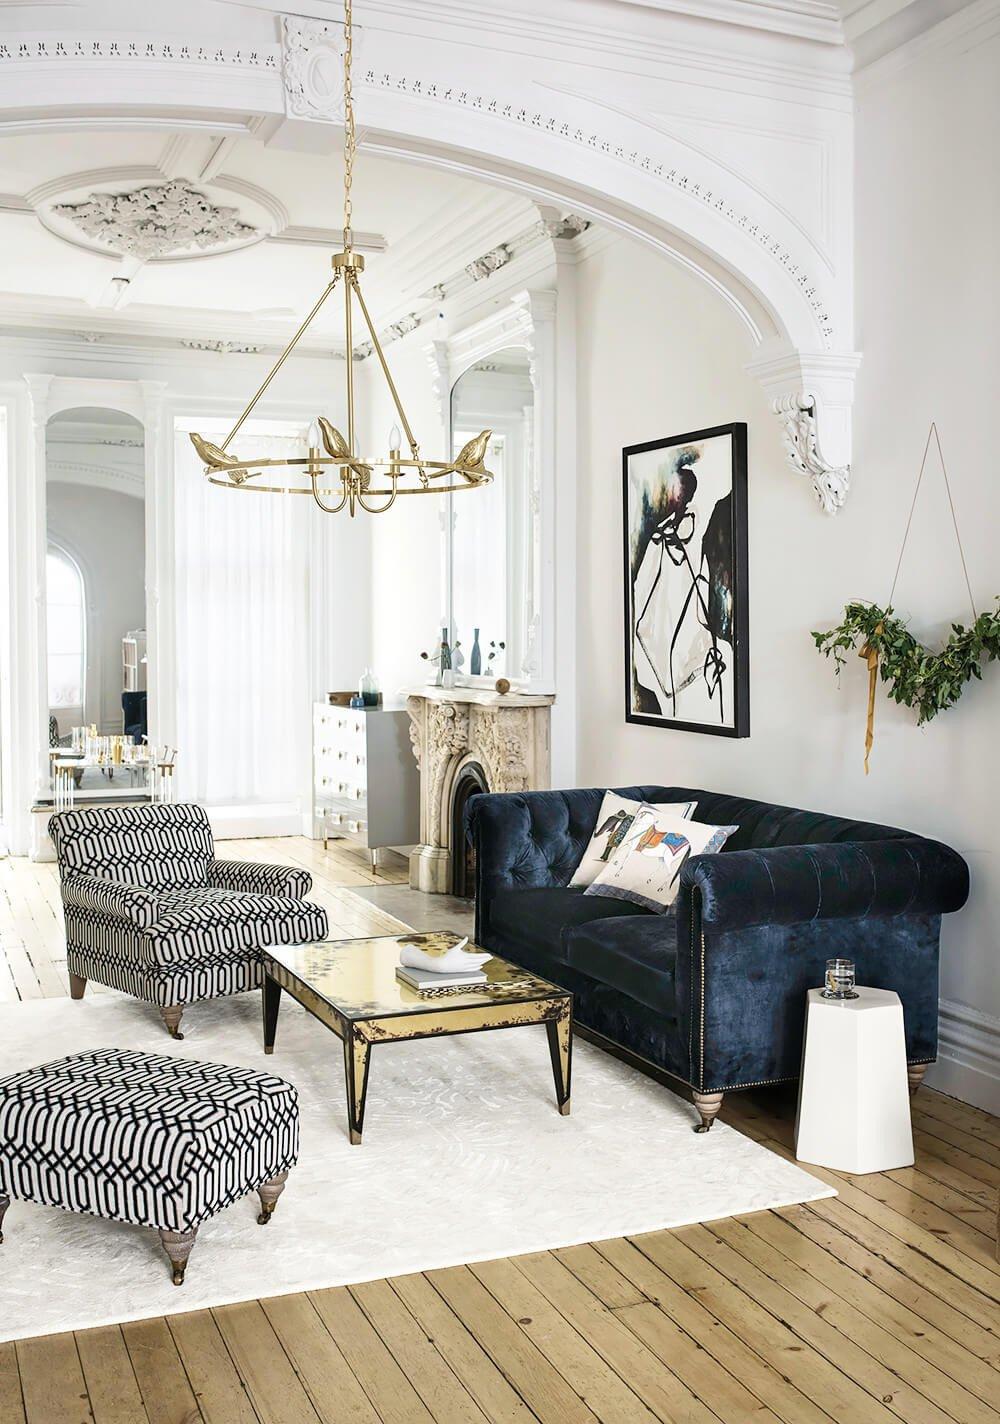 Modern Living Room Decor Ideas New 26 Best Modern Living Room Decorating Ideas and Designs